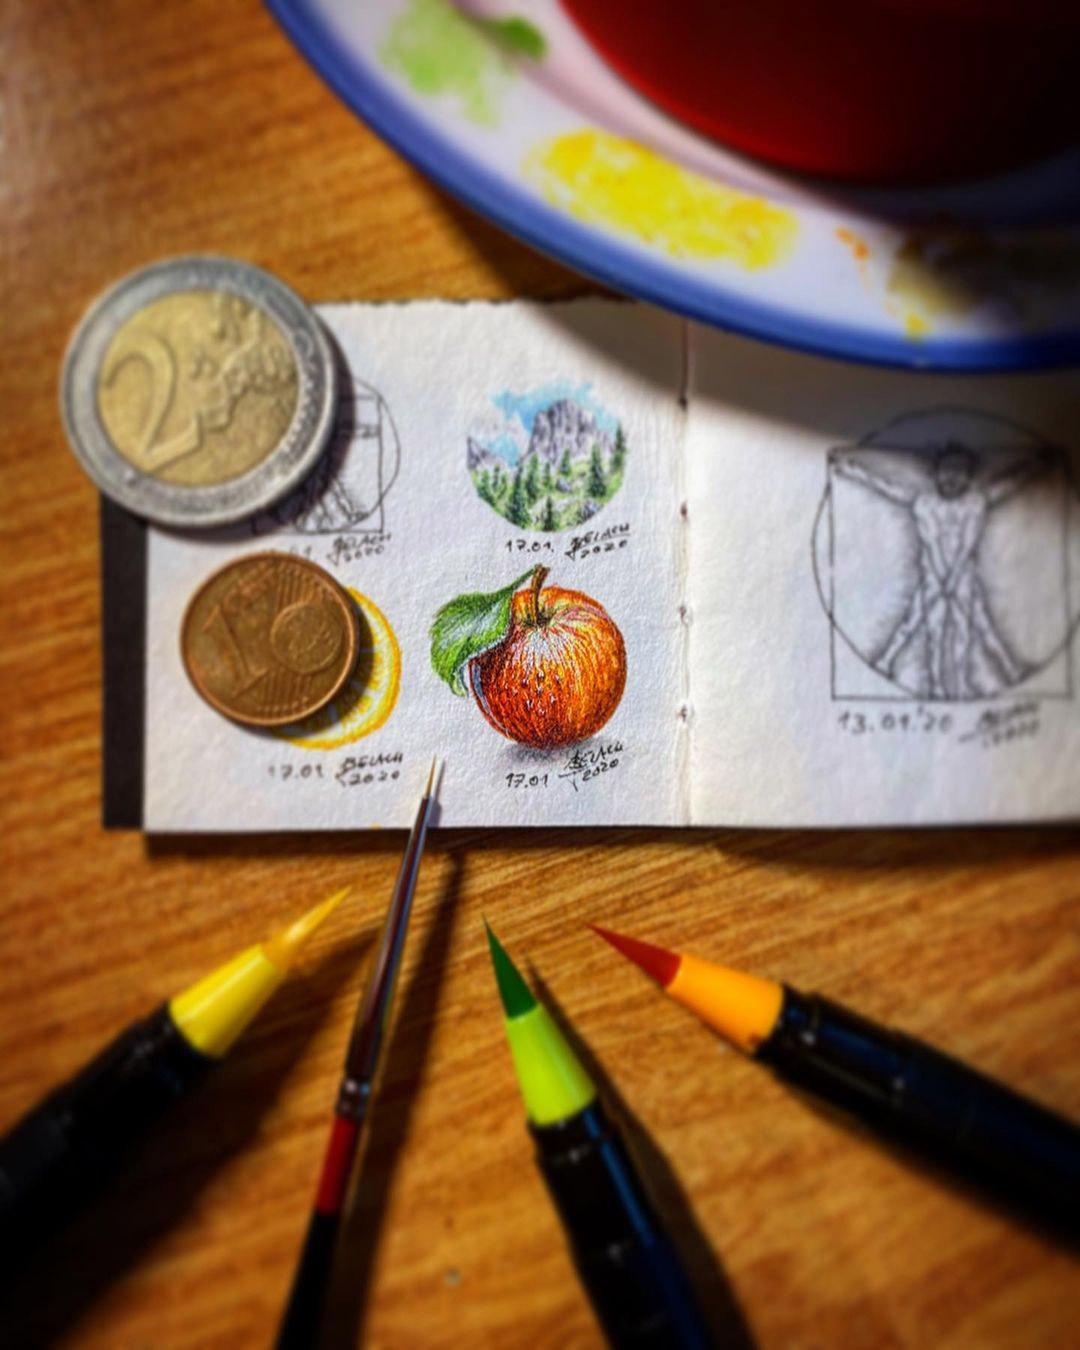 Mini-Skizzenbuch mit Miniatur-Zeichnungen von Johannes.